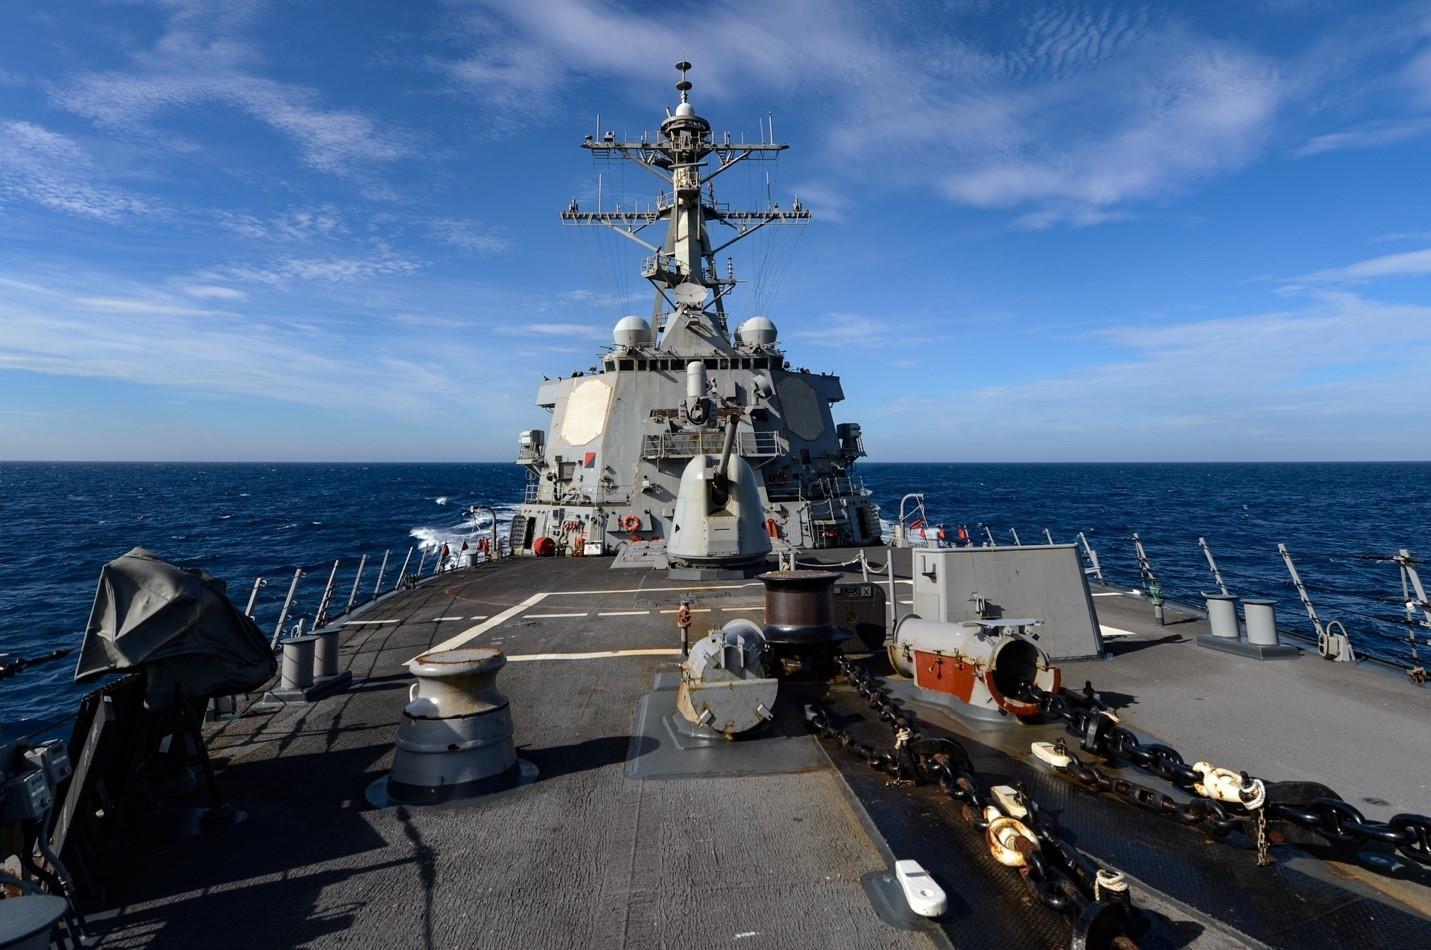 2020年6月4日,美國海軍拉塞爾號(US Russell)阿利·伯克級驅逐艦穿越台灣海峽。(U.S. Navy photo by Mass Communication Specialist 3rd Class Sean Lynch/Released)